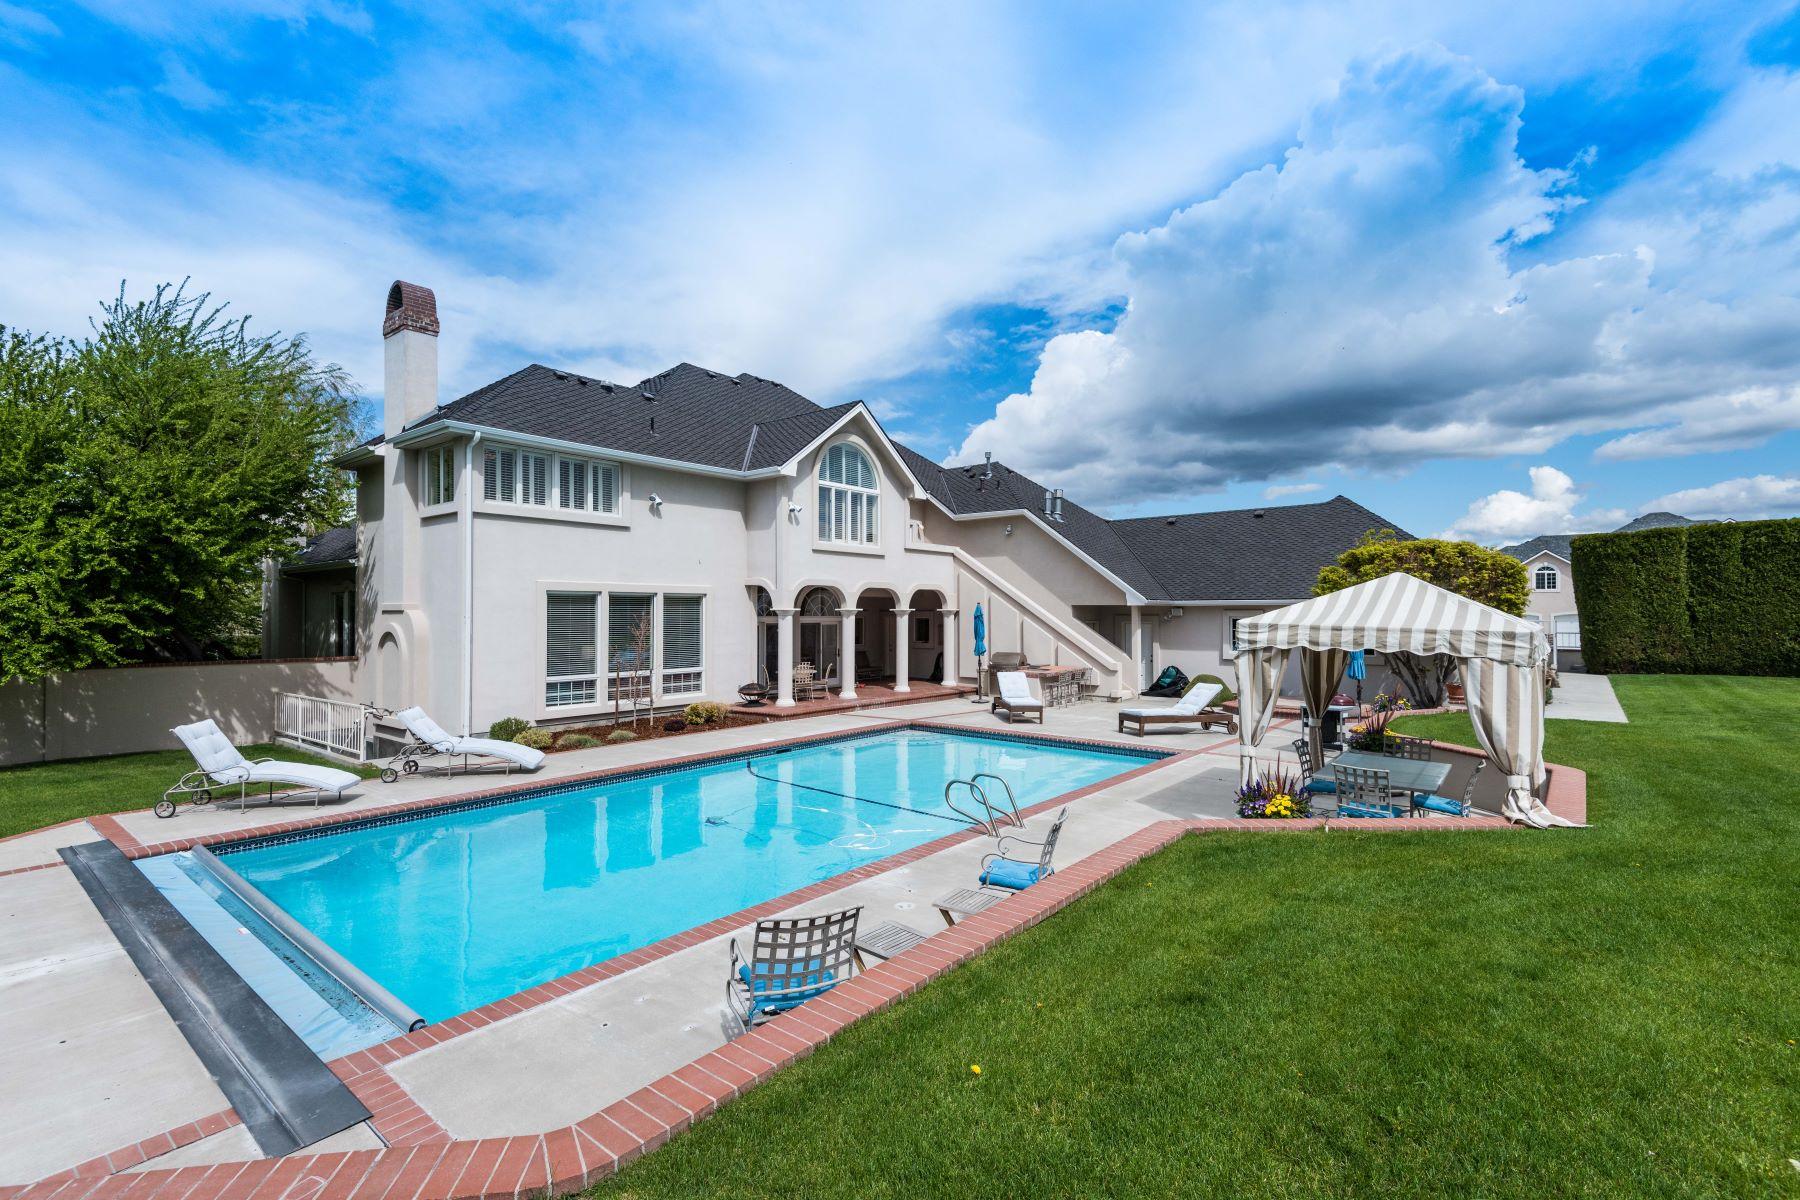 Частный односемейный дом для того Продажа на Timeless Style! 4801 W. 19th Ave Kennewick, Вашингтон 99338 Соединенные Штаты